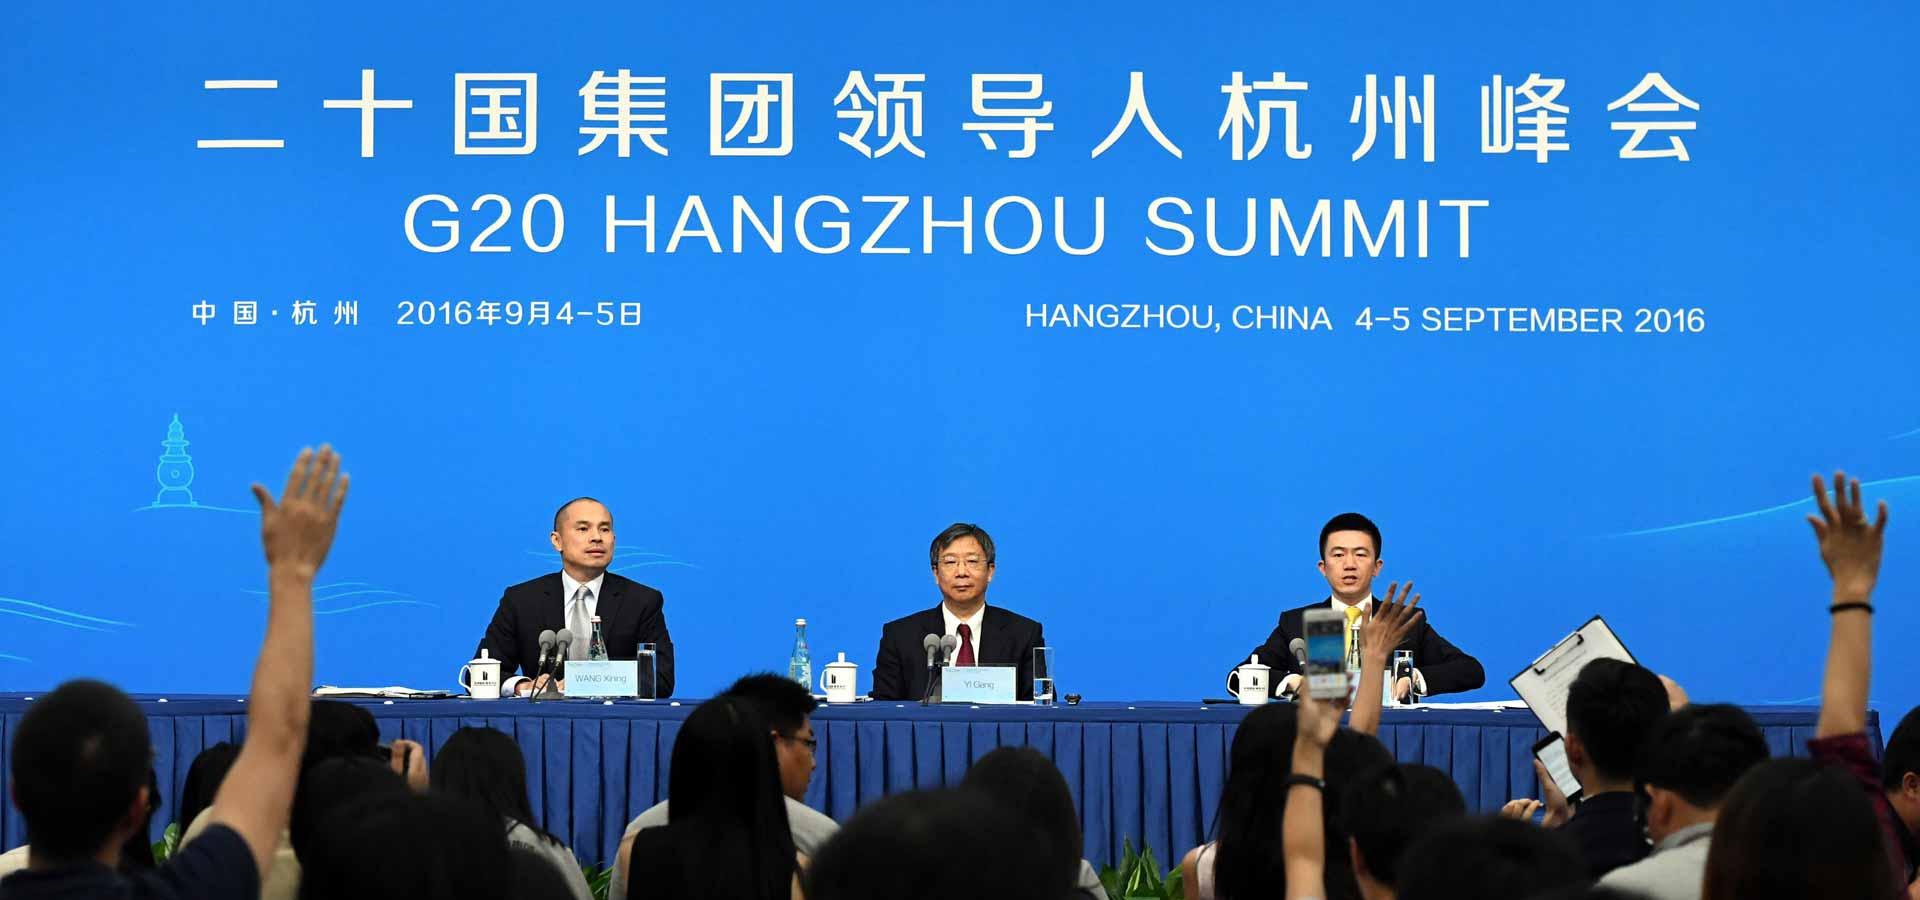 中國代表團中國人民銀行副行長易綱舉行新聞發布會